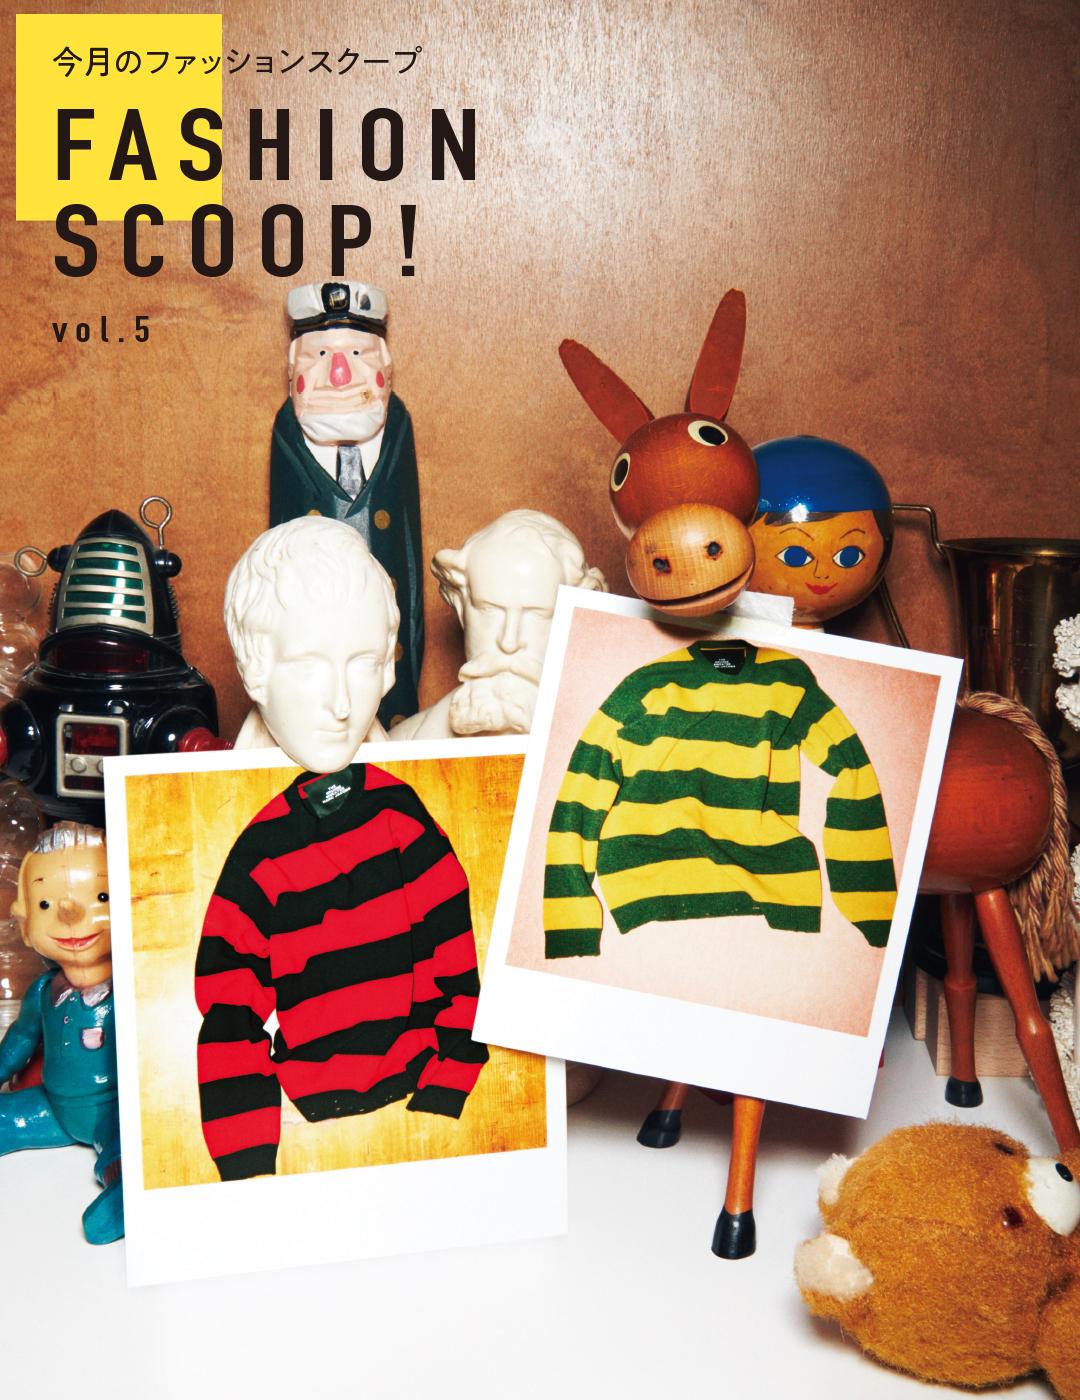 今月のファッションスクープ FASHION SCOOP! vol.5